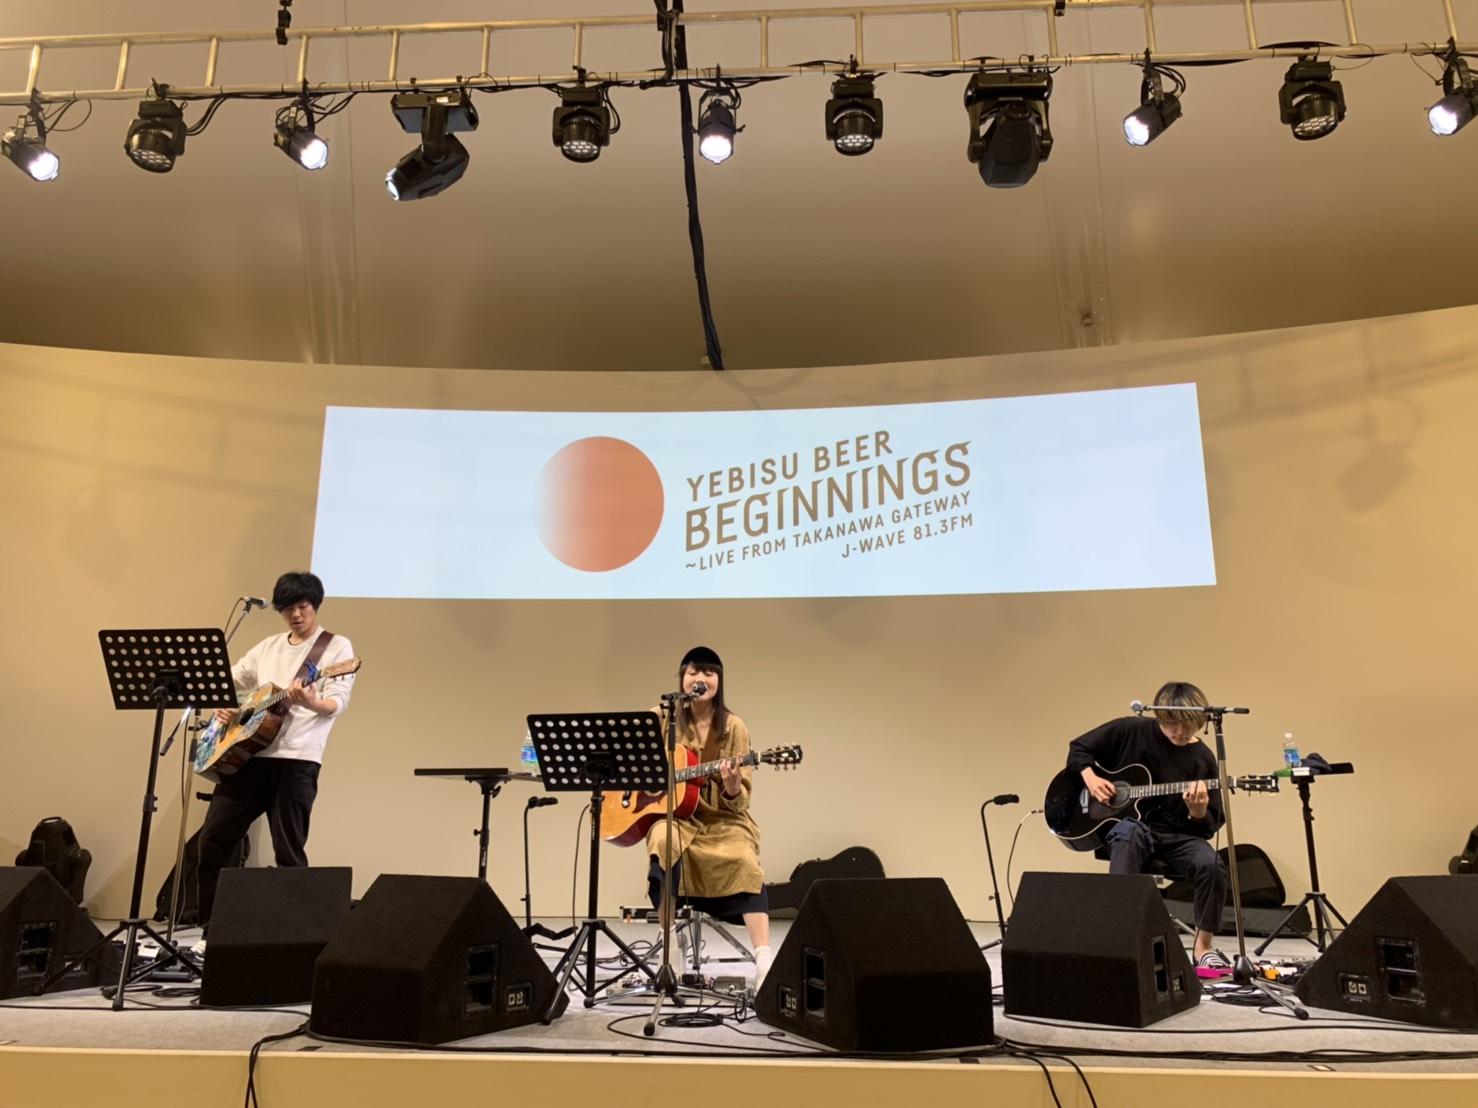 矢井田瞳、新曲『ネオンの朝』をライブ初披露!「大阪にたくさん救われてきた」【音源あり】